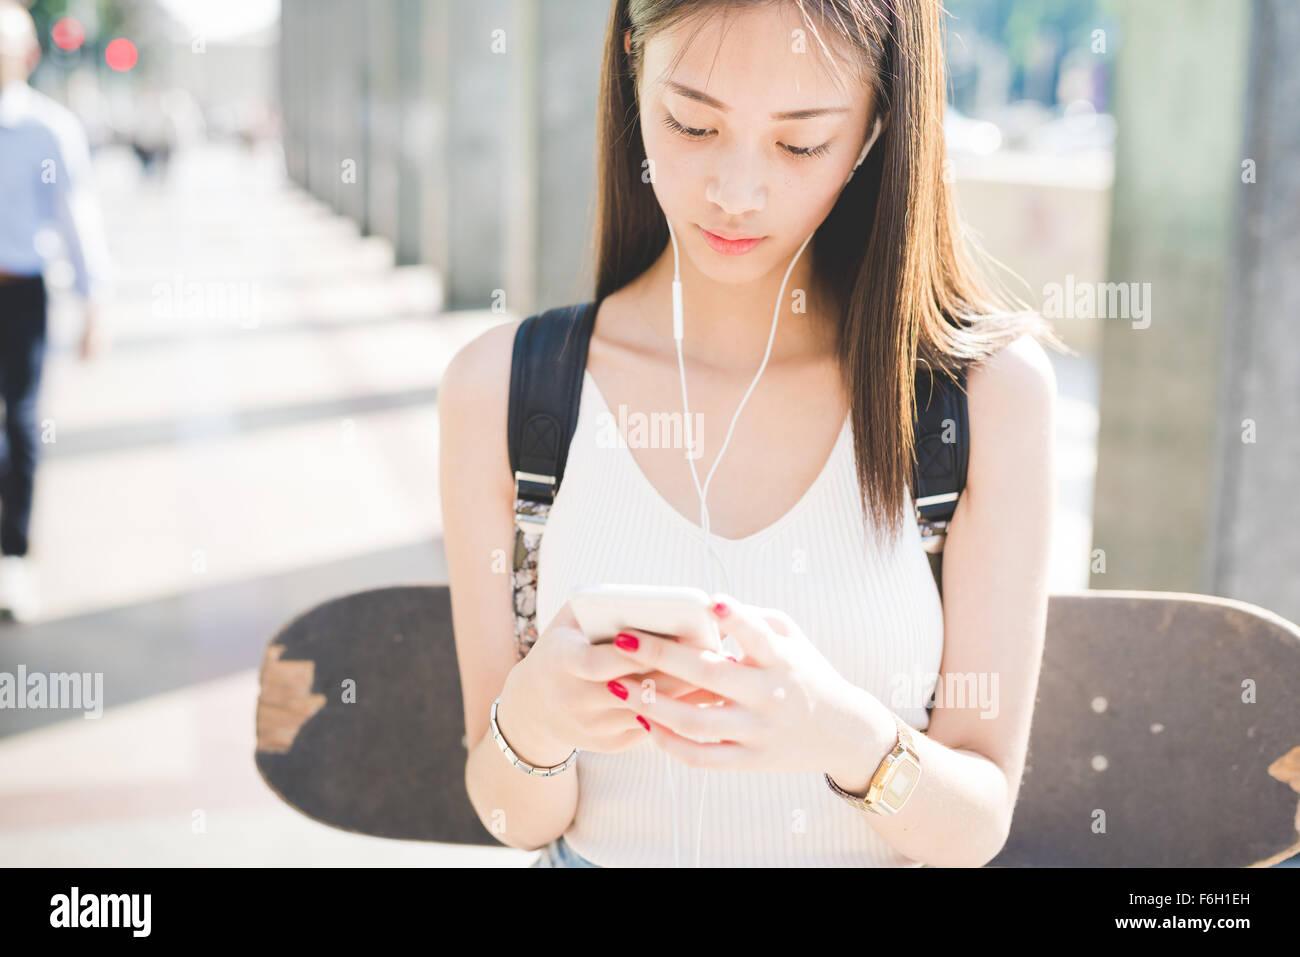 A metà lunghezza dei giovani asiatici bello capelli lunghi donna skater passeggiate in città, ascoltando Immagini Stock